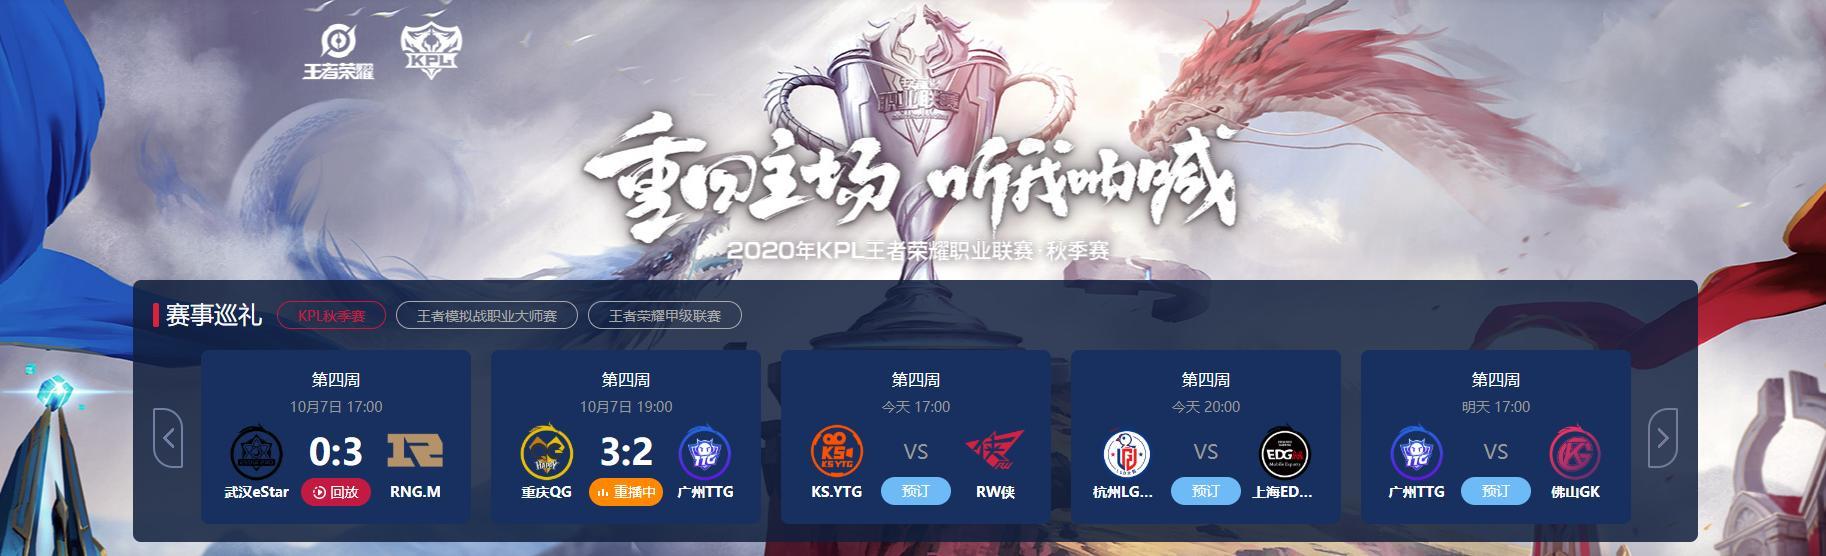 王者荣耀:虎牙KPL秋季赛,重庆QG抓住机会,二换四赢得竞赛插图